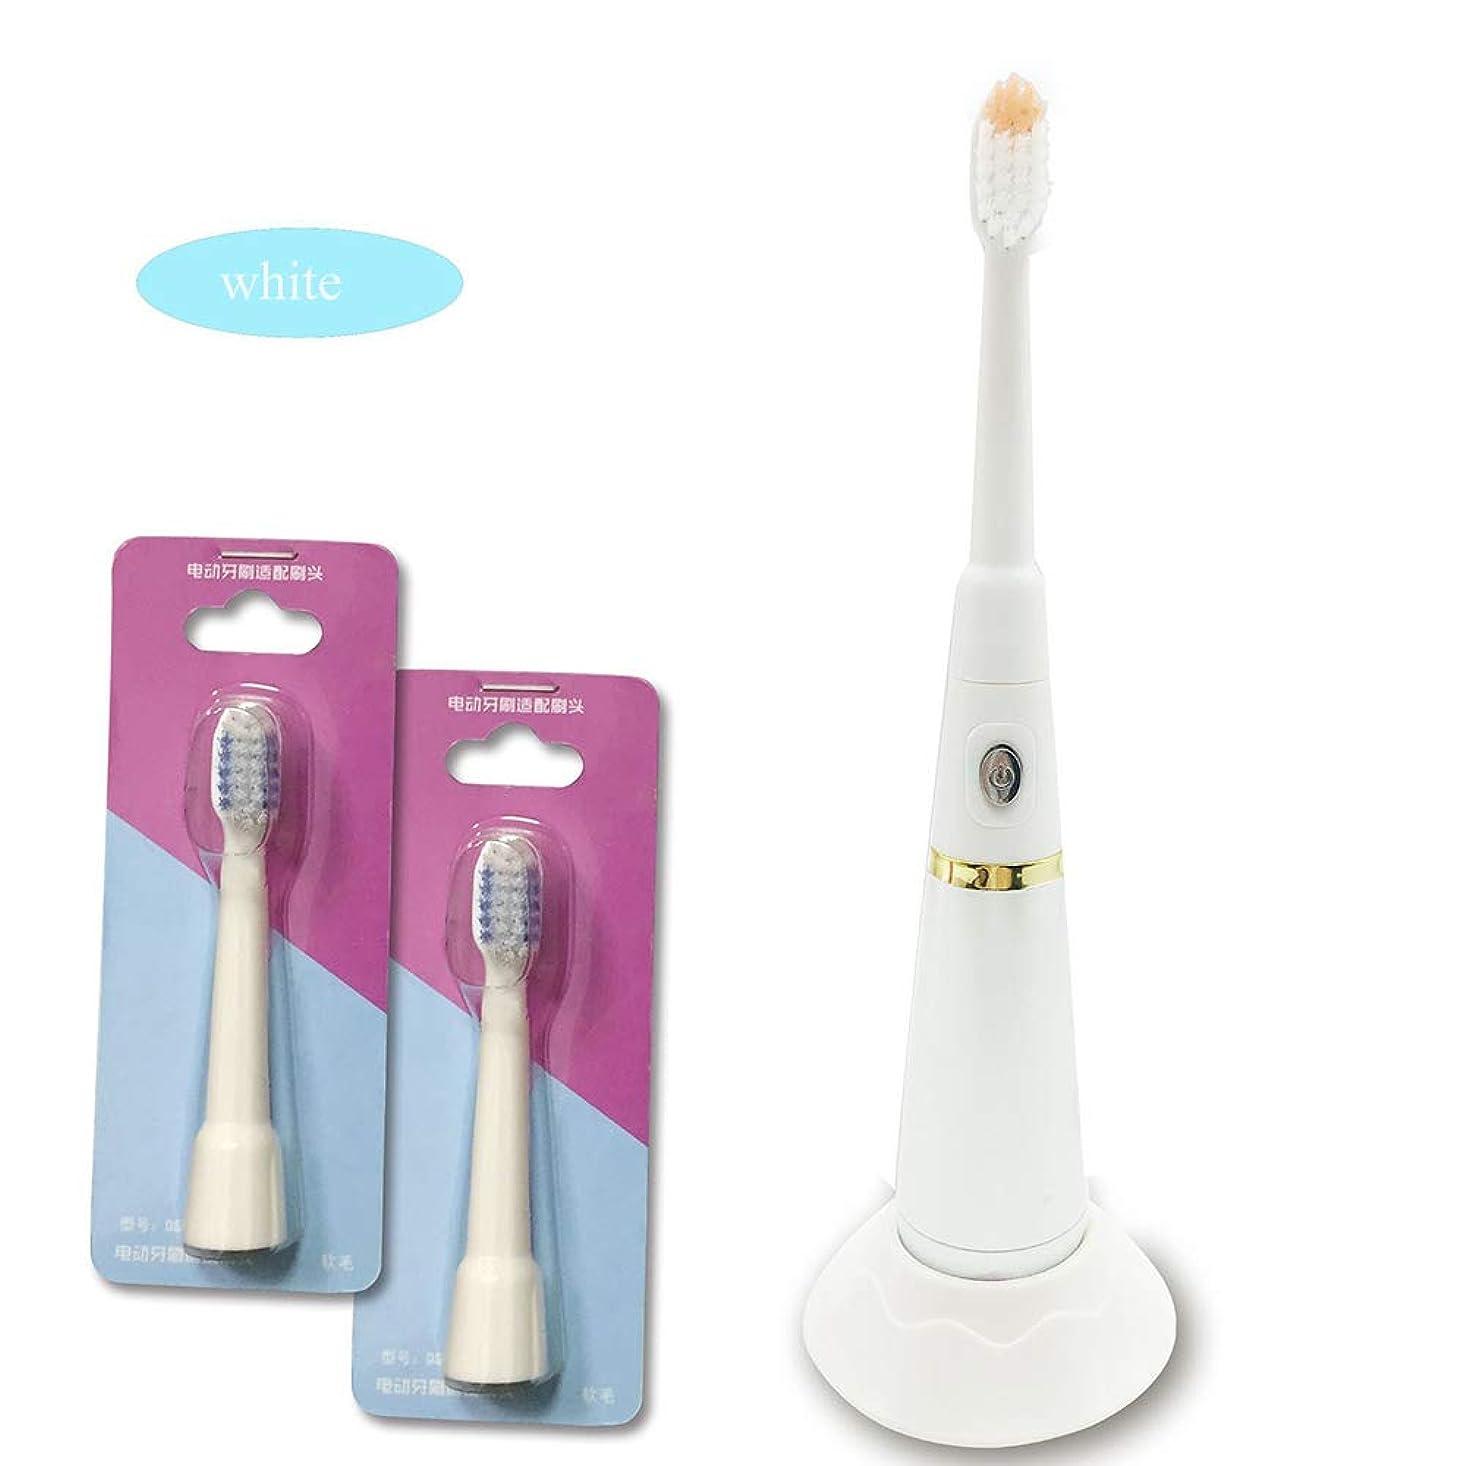 委任以上製造電動歯ブラシ充電式大人、自動タイマーと交換ブラシヘッドバッテリー付き防水電子歯ブラシ,White